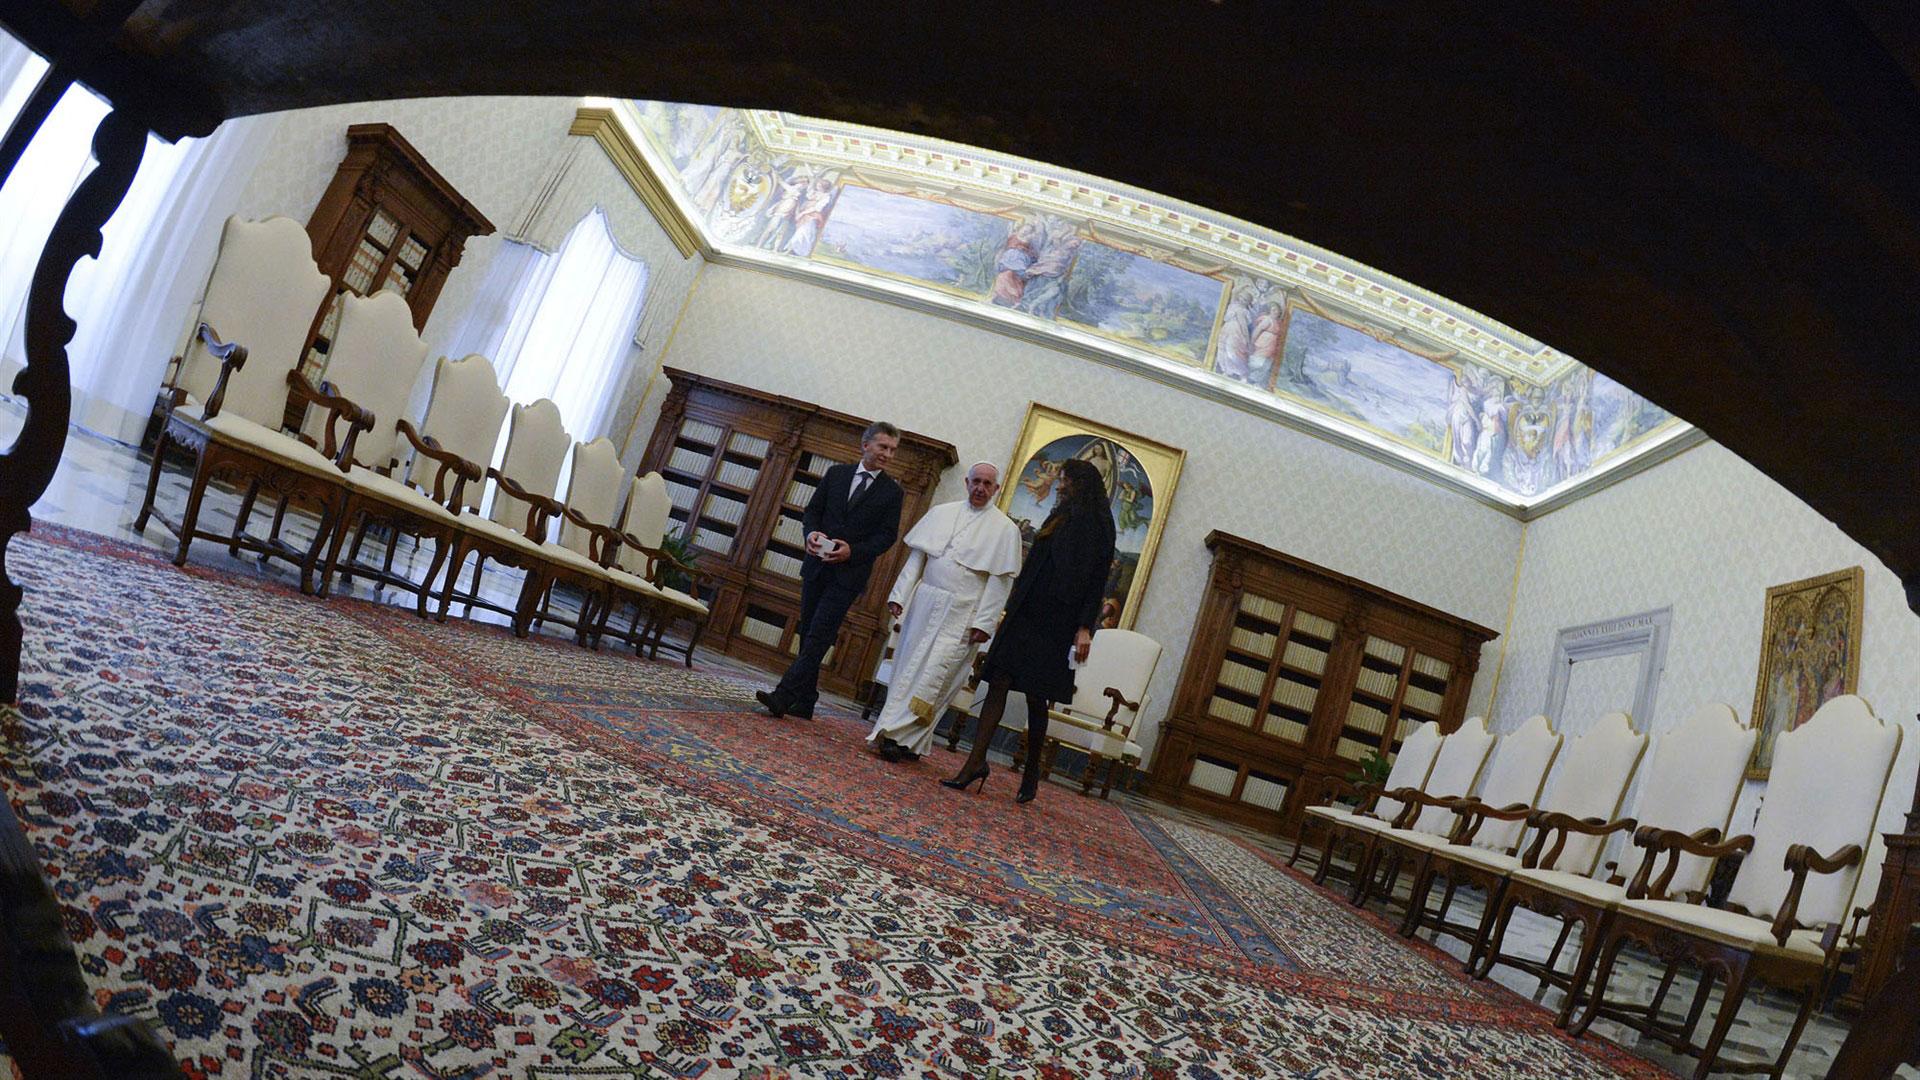 27 de febrero de 2016. El presidente argentino Mauricio Macri y su esposa, la Primera Dama, Juliana Awada, intercambiaron obsequios con el Papa Francisco.